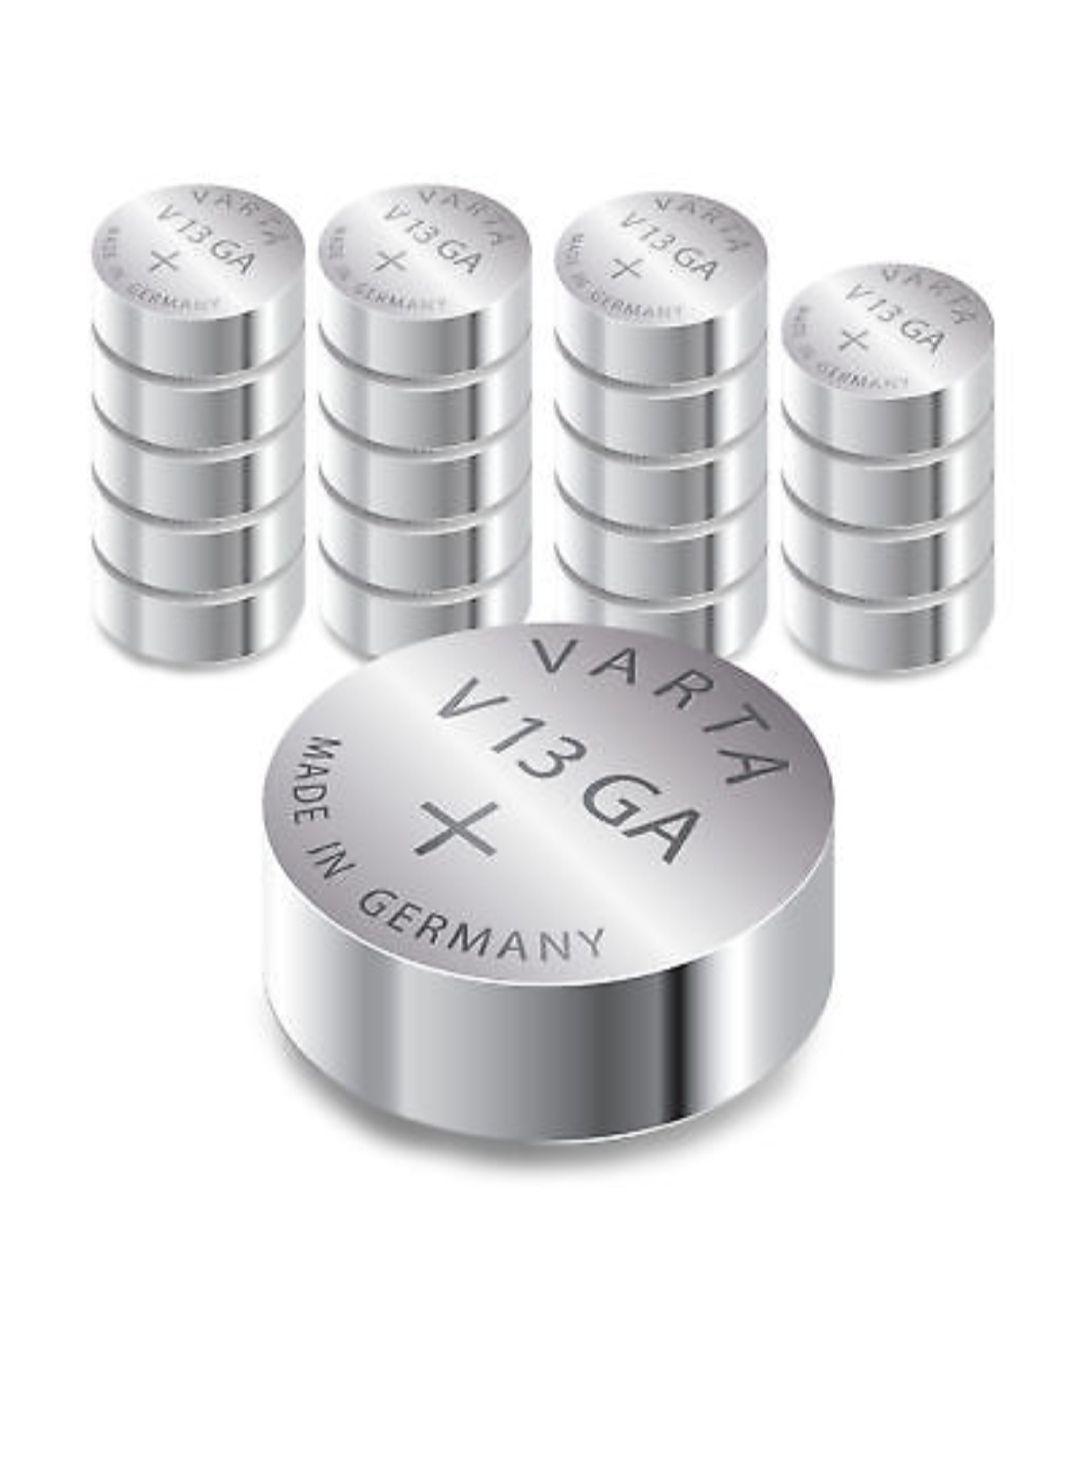 Varta V13GA / AG13 Knopfzelle LR44 | 155mAh 1,5V Alkaline | 20 Stück